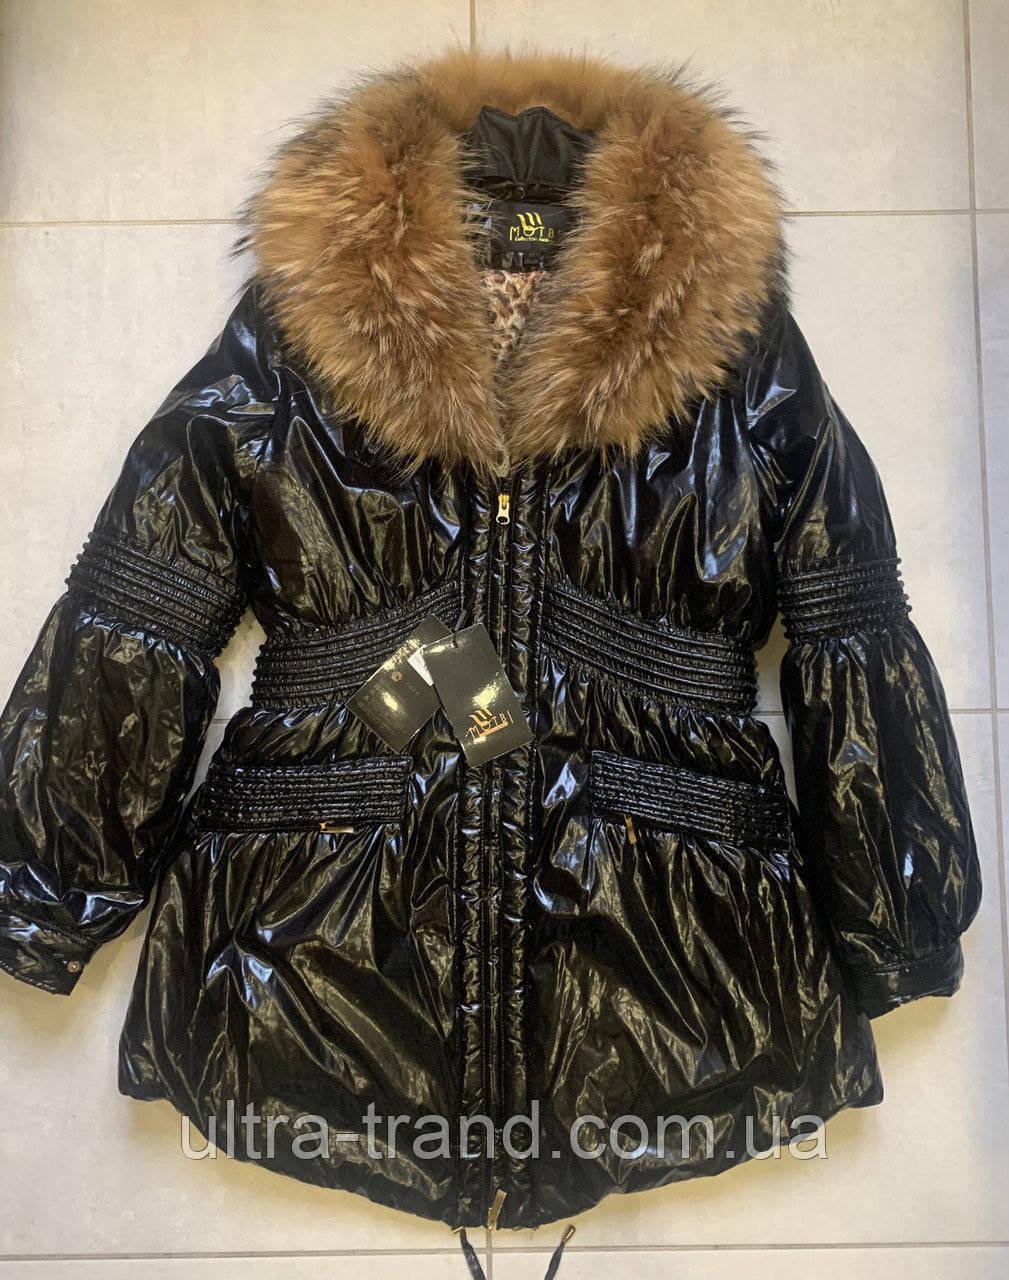 Стильная женская куртка чёрного цвета  с натуральным мехом